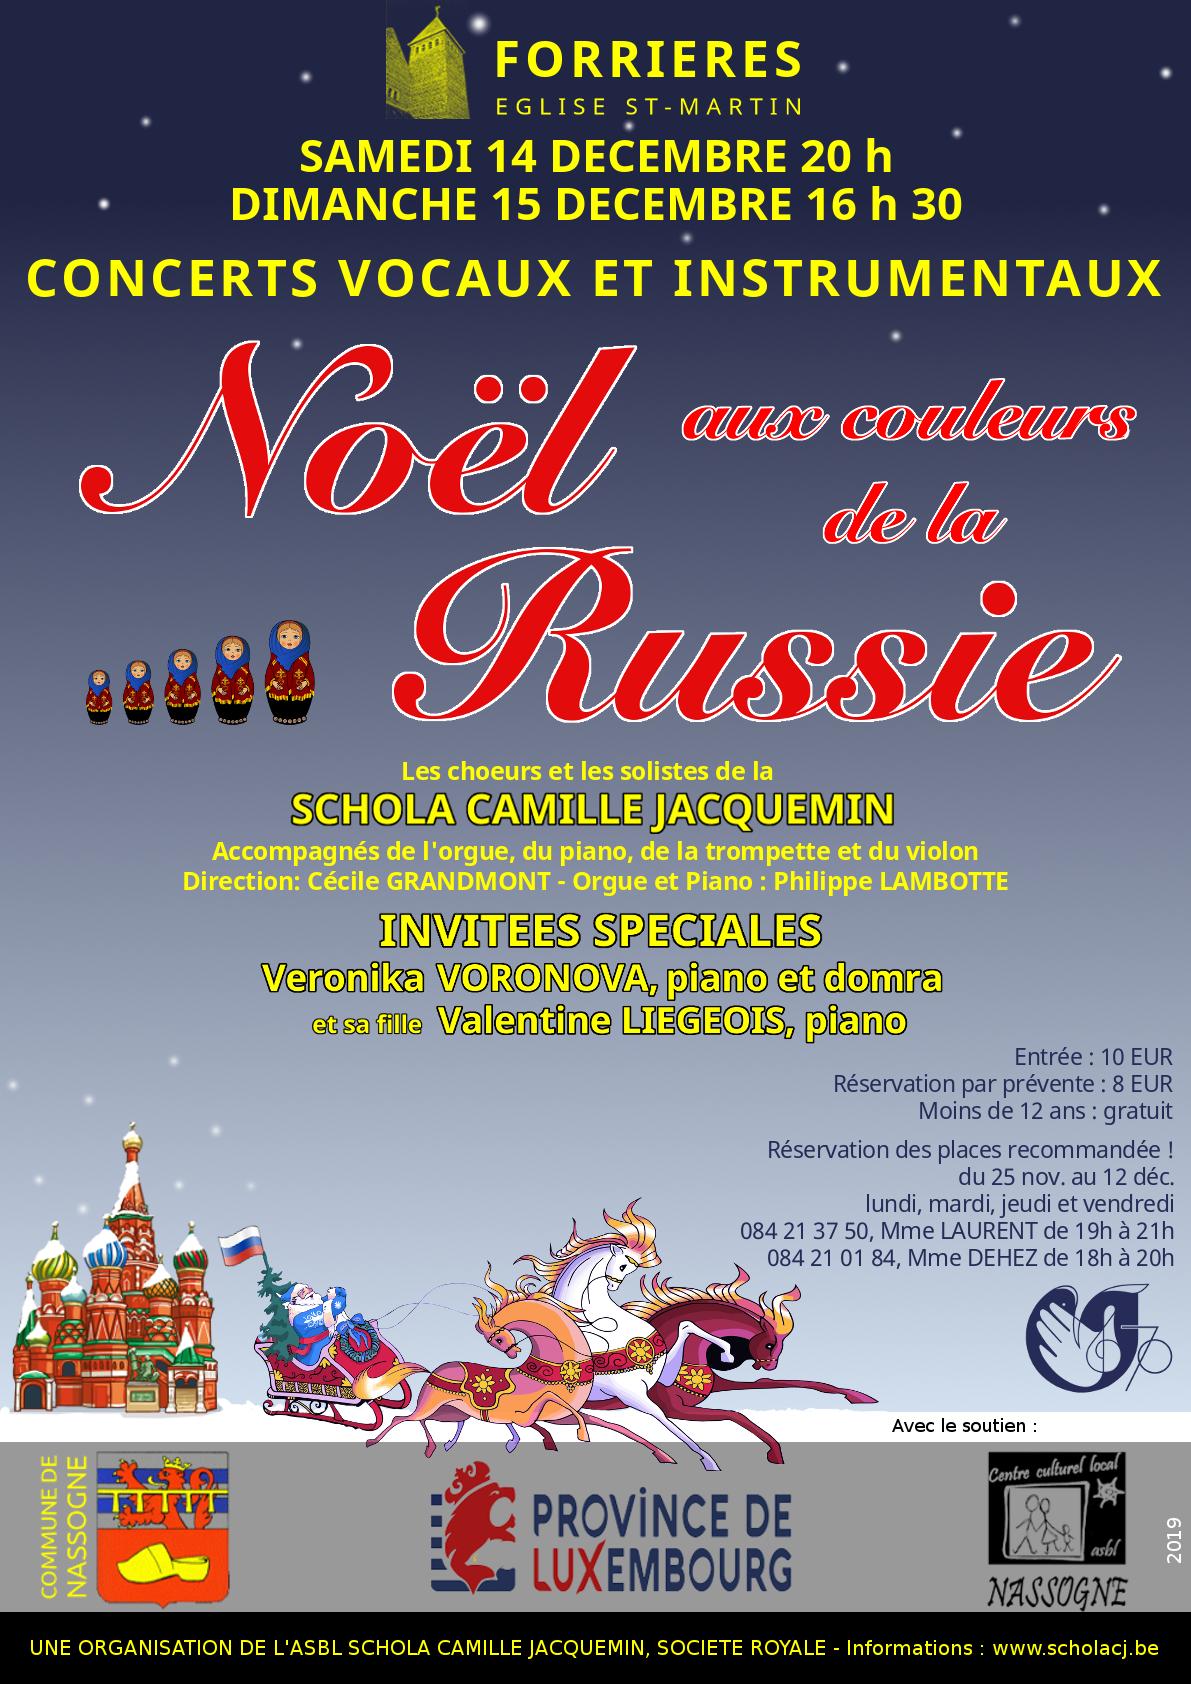 14 et 15 décembre, concert de Noël à Forrières avec la Schola Camille Jacquemin